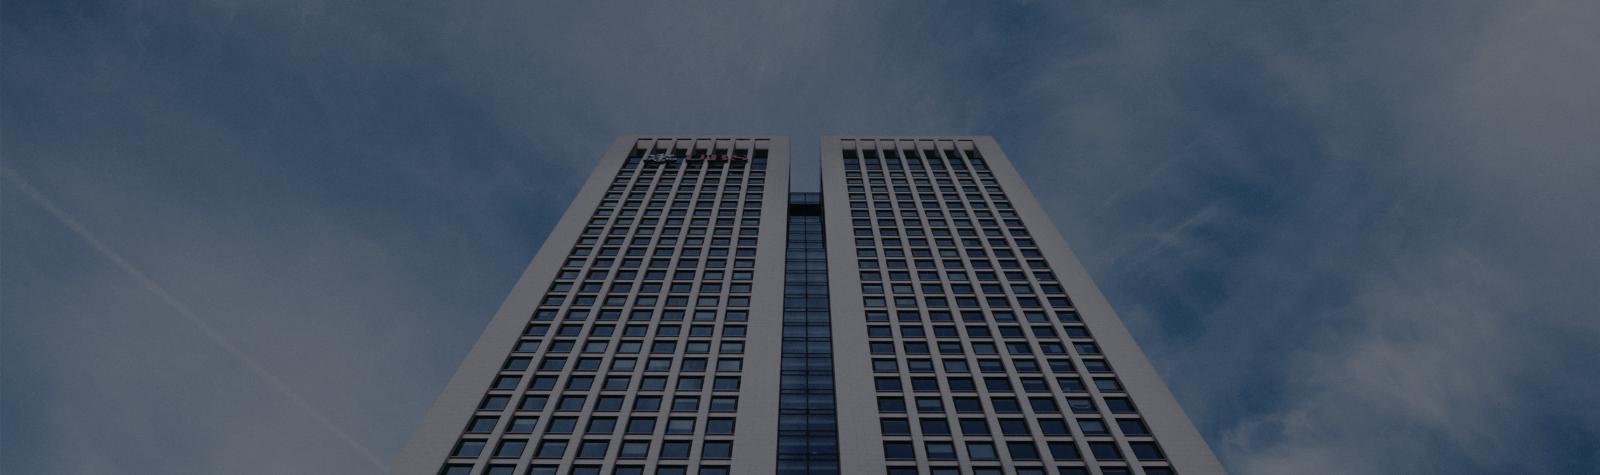 Union Investment réalise 4,1 milliards d'euros de transactions immobilières